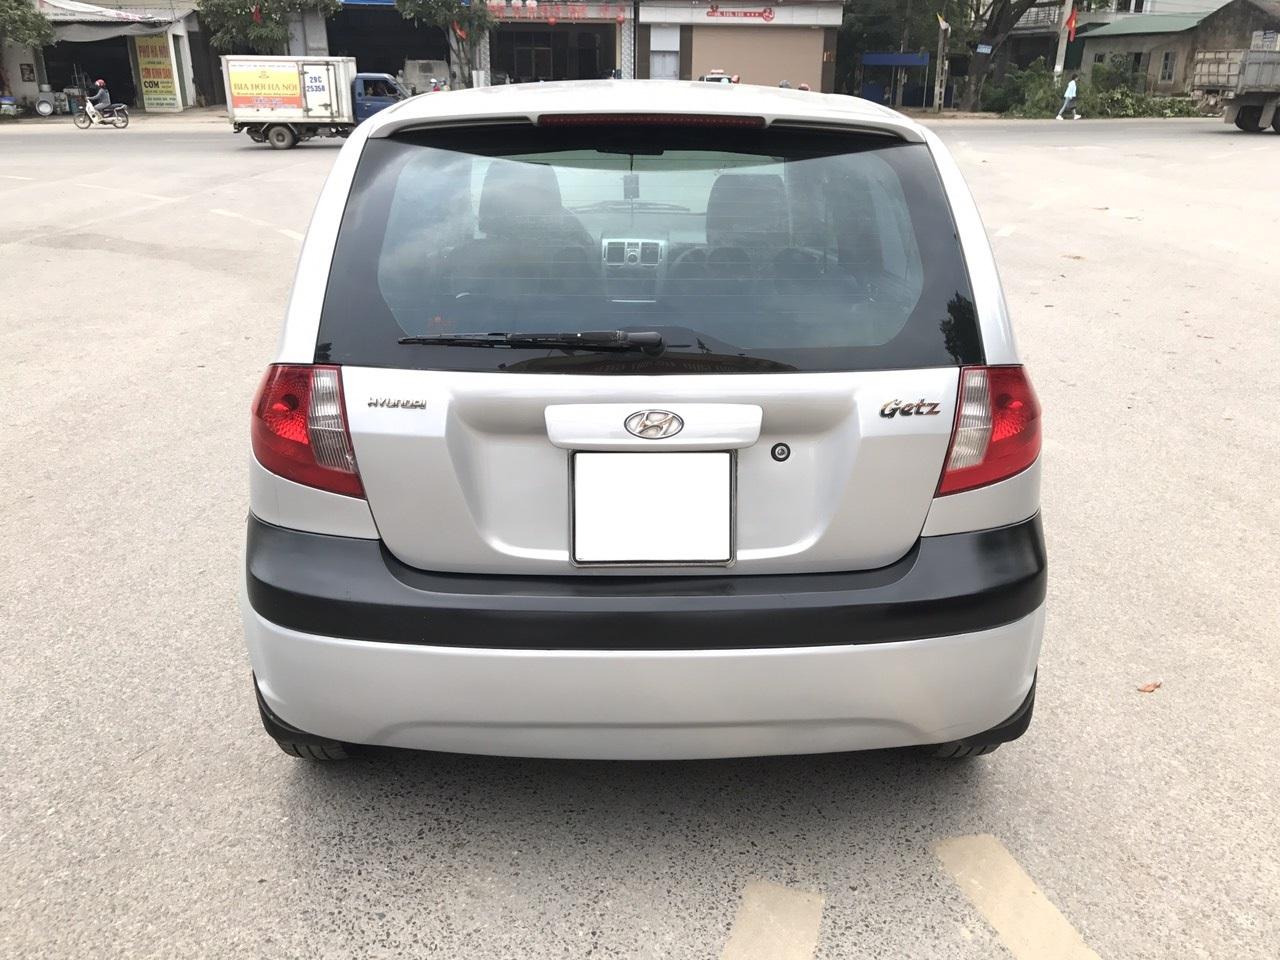 Hyundai Getz 1.1 MT năm sản xuất 2009, màu bạc, nhập khẩu. Xe Tuyển K Lỗi